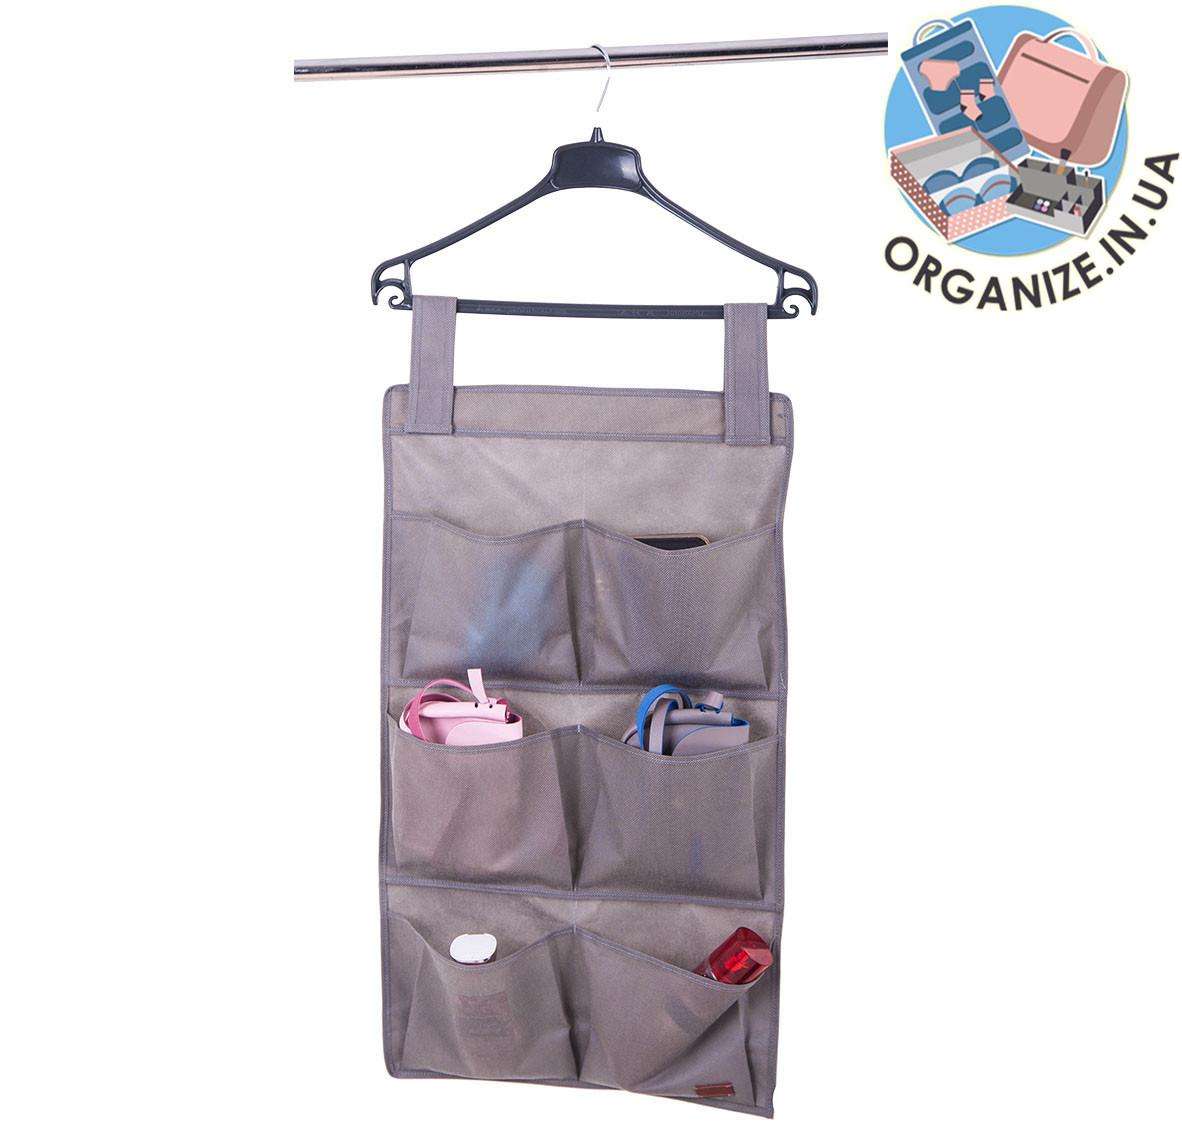 Органайзер с кармашками для хранения мелочей ORGANIZE (серый)